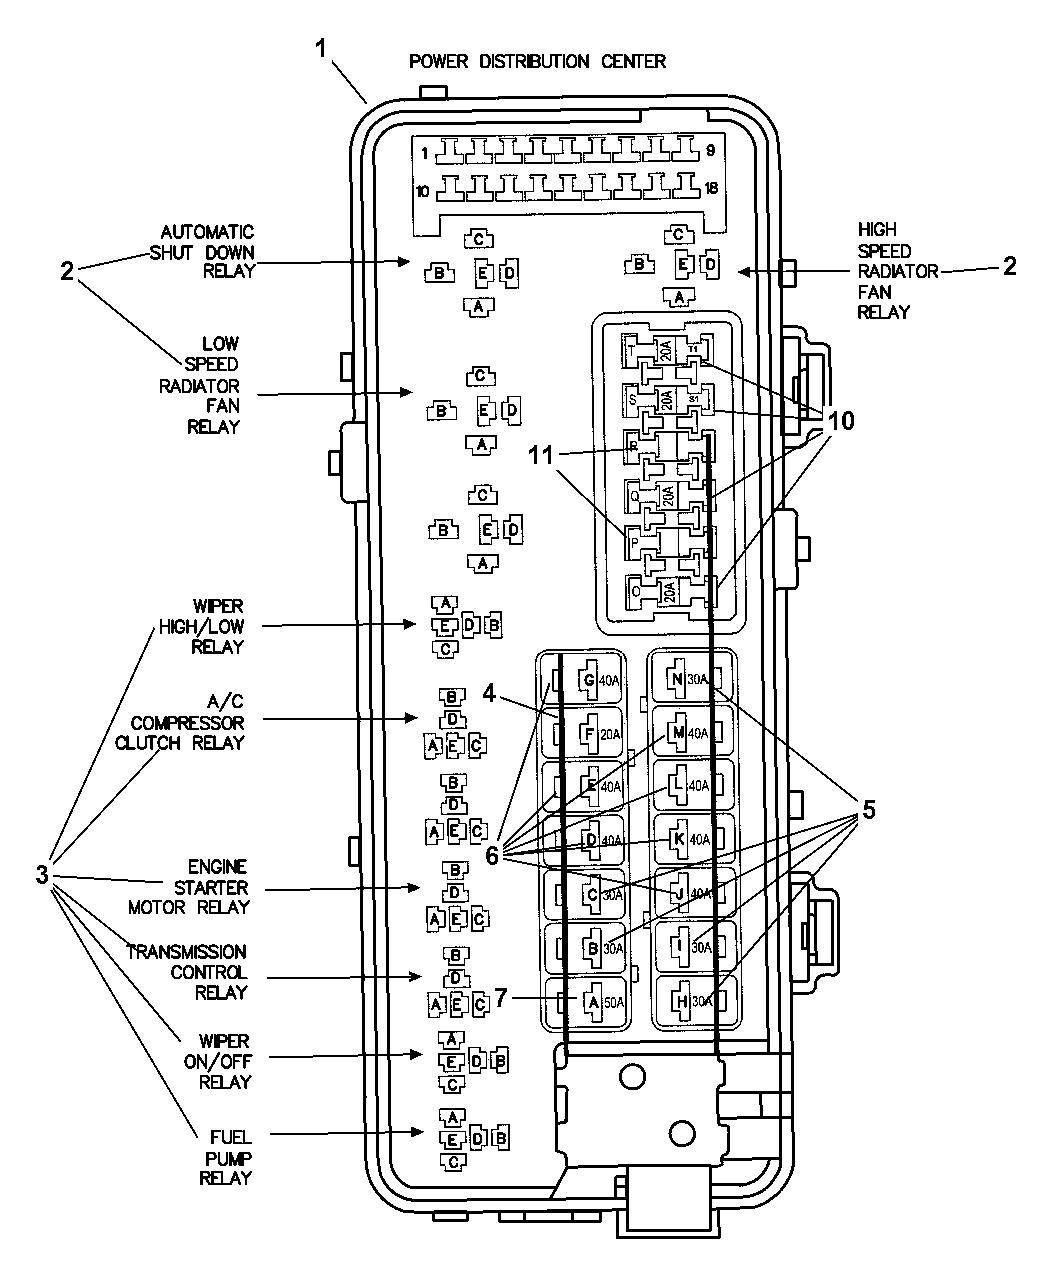 2002 chrysler 300m power distribution center